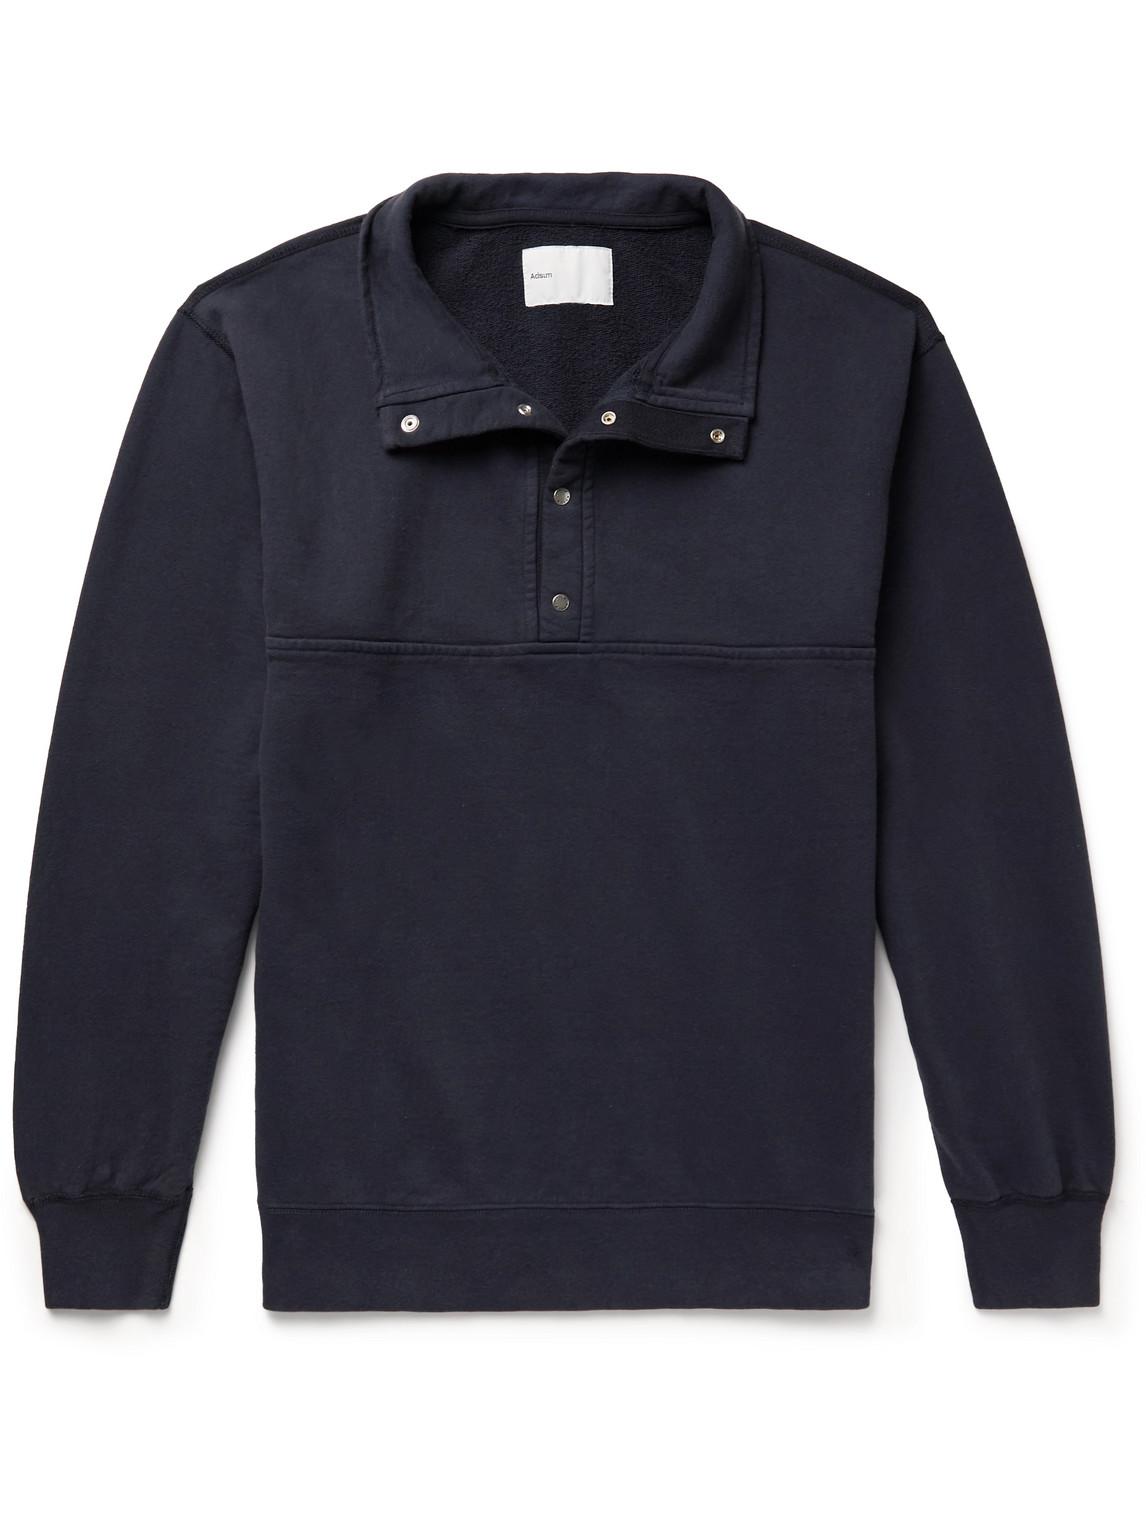 Adsum Cotton-jersey Half-placket Sweatshirt In Blue